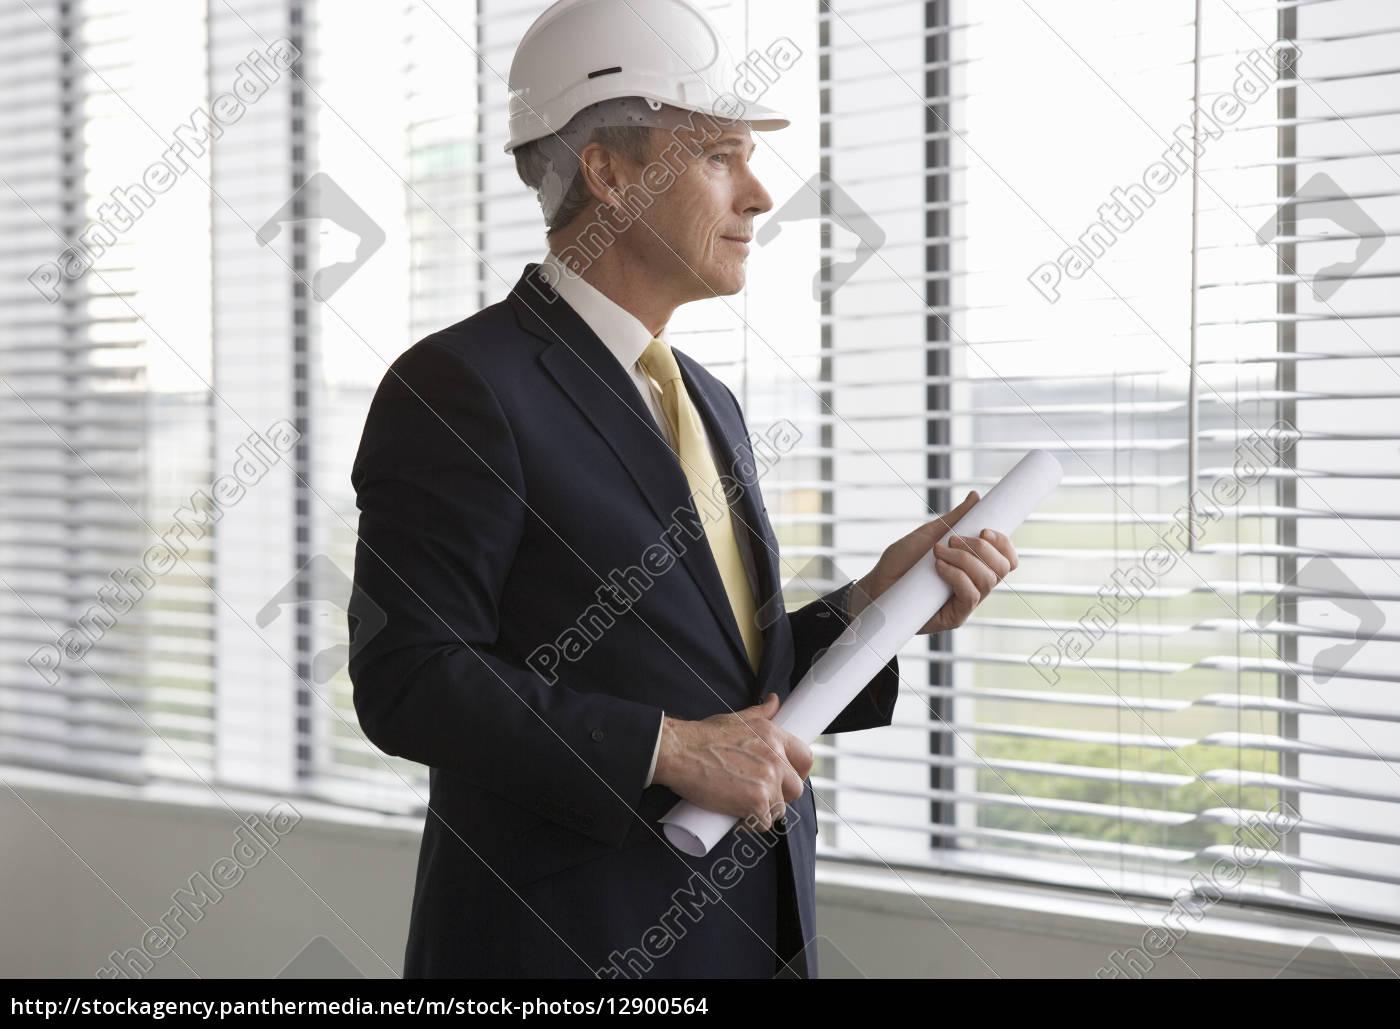 büro, architektonisch, model, entwurf, konzept, konzeption - 12900564